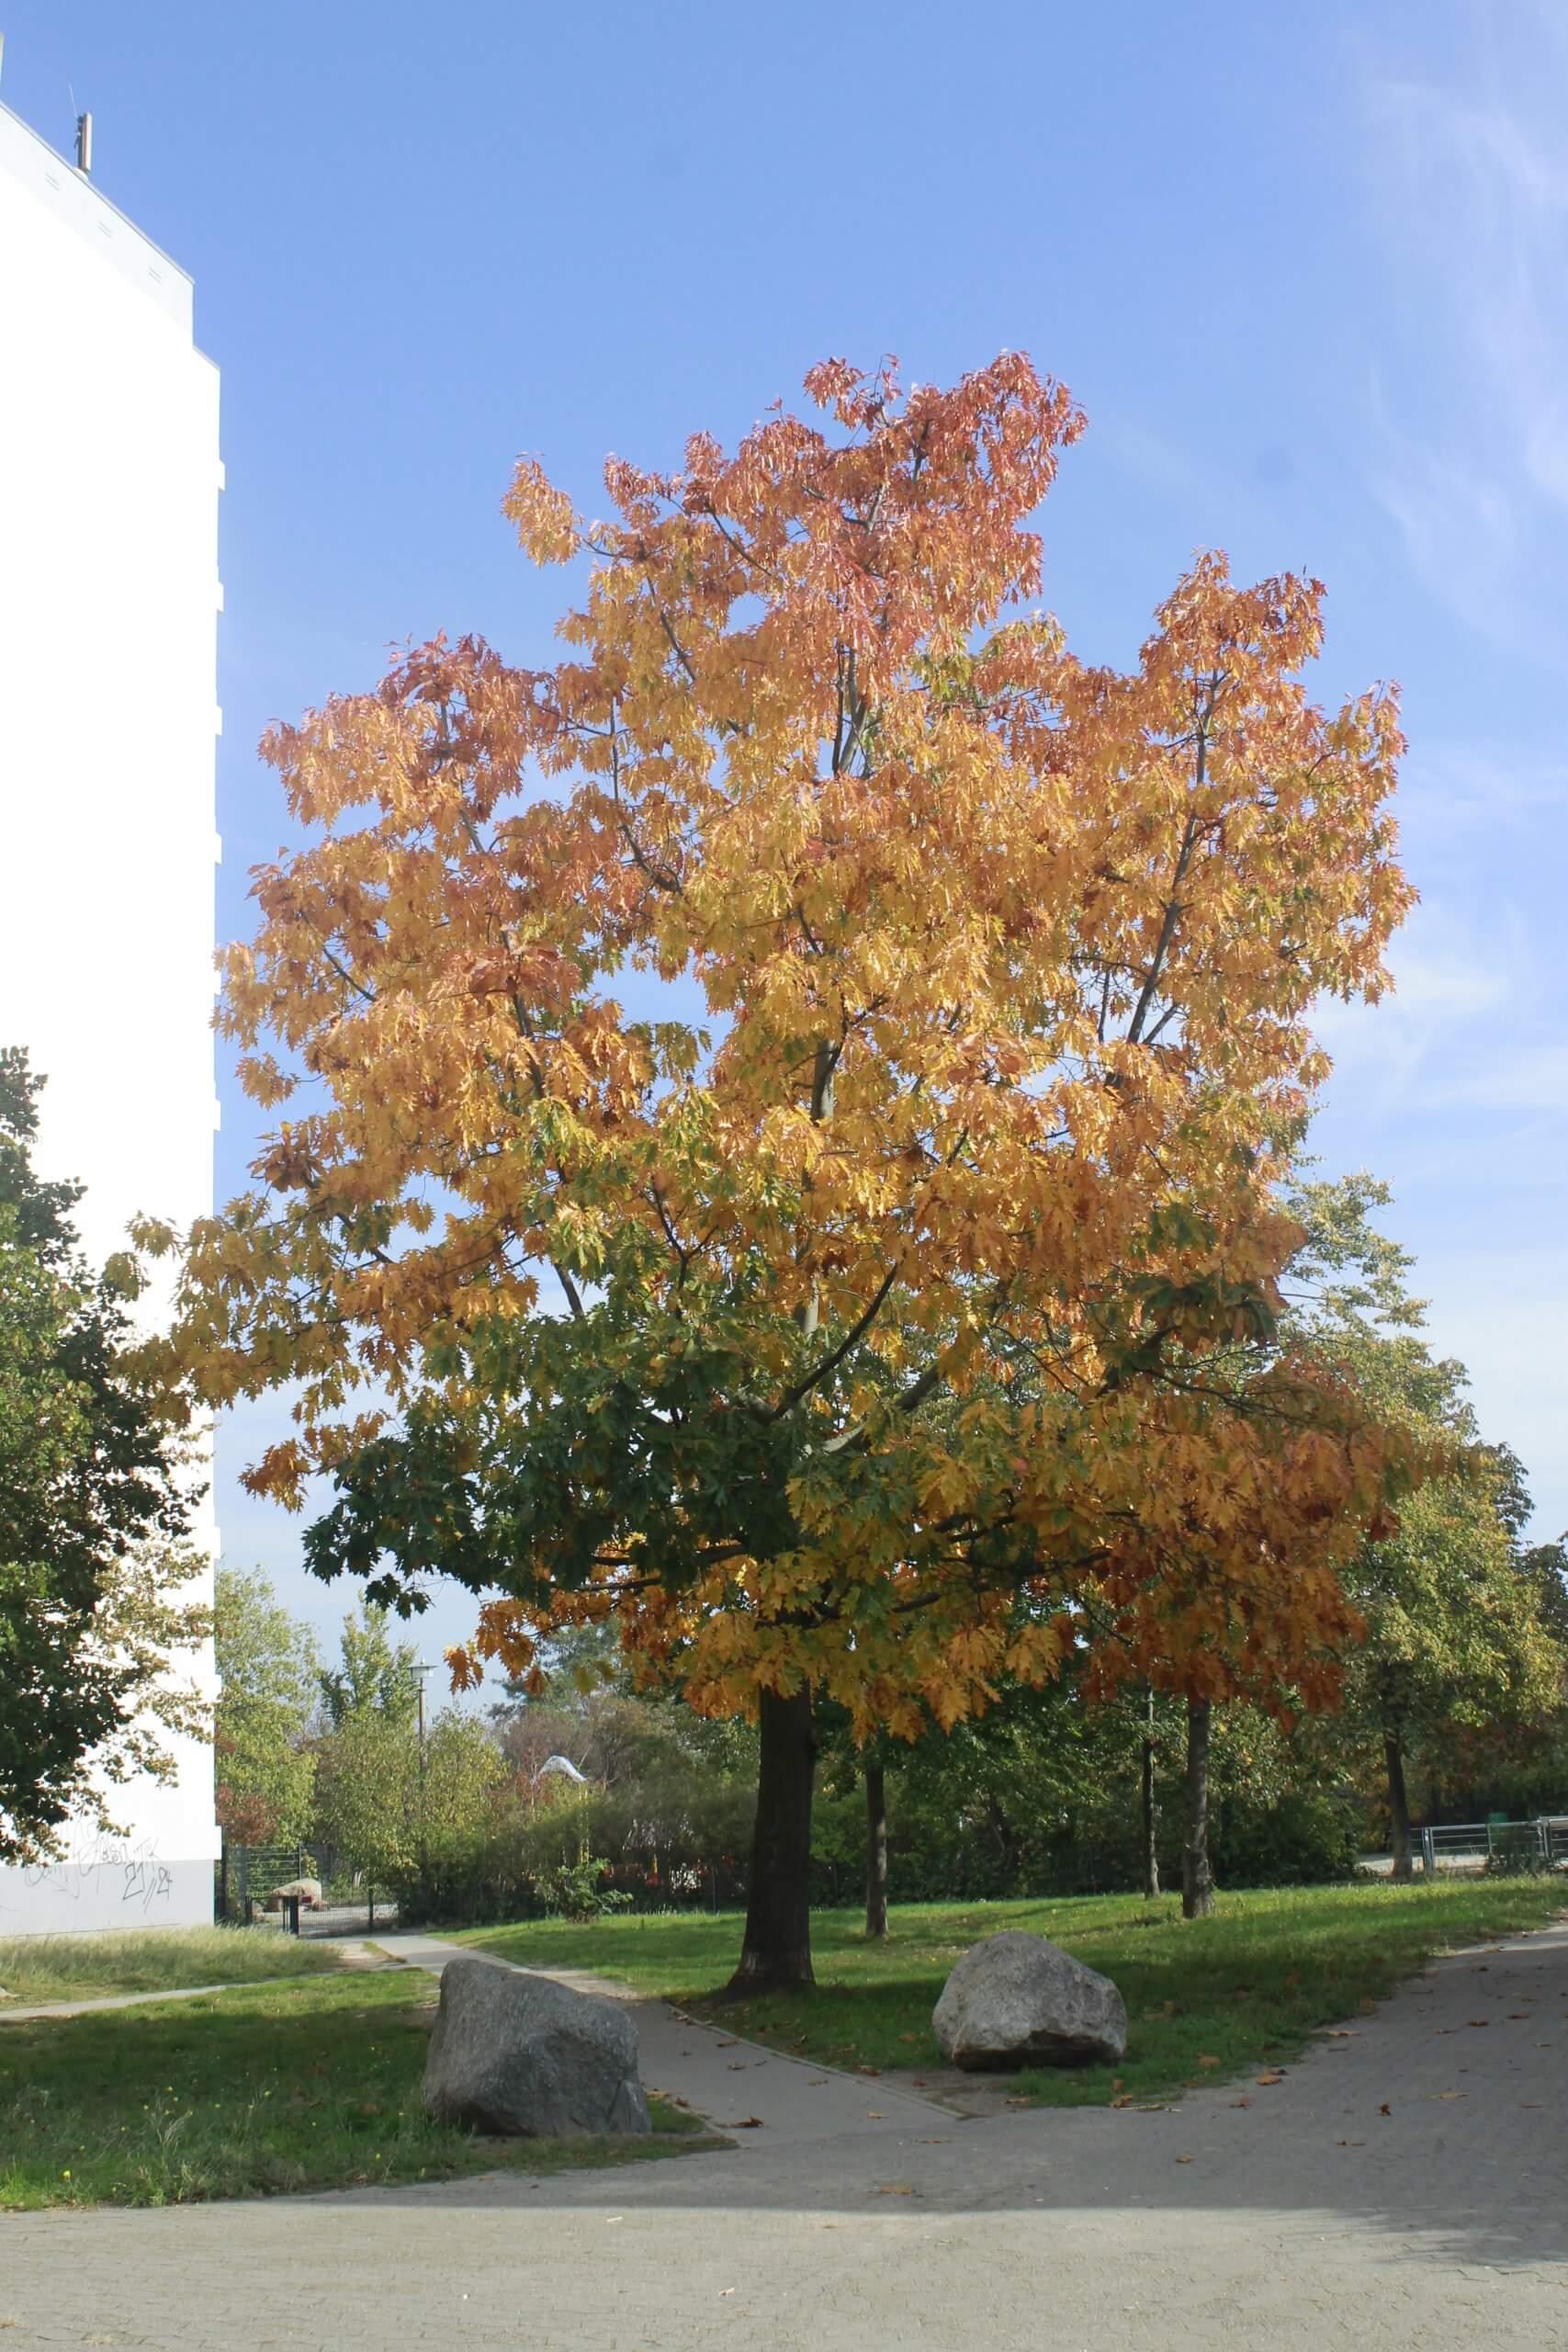 Das Bild zeigt eine solitär stehende Rot-Eiche in ihrer Herbstfärbung. Hierbei sind die unteren Partien noch grünbelaubt, wobei die Blattfärbungen in den mittleren Bereichen in die gelbe, karotin-verursachte Färbung übergeht, die dann in den äußeren und hohen Kronenbereichen von durchgetrockneten, braunen Laub abgelöst wird, welches orangerot im Licht erstrahlt.